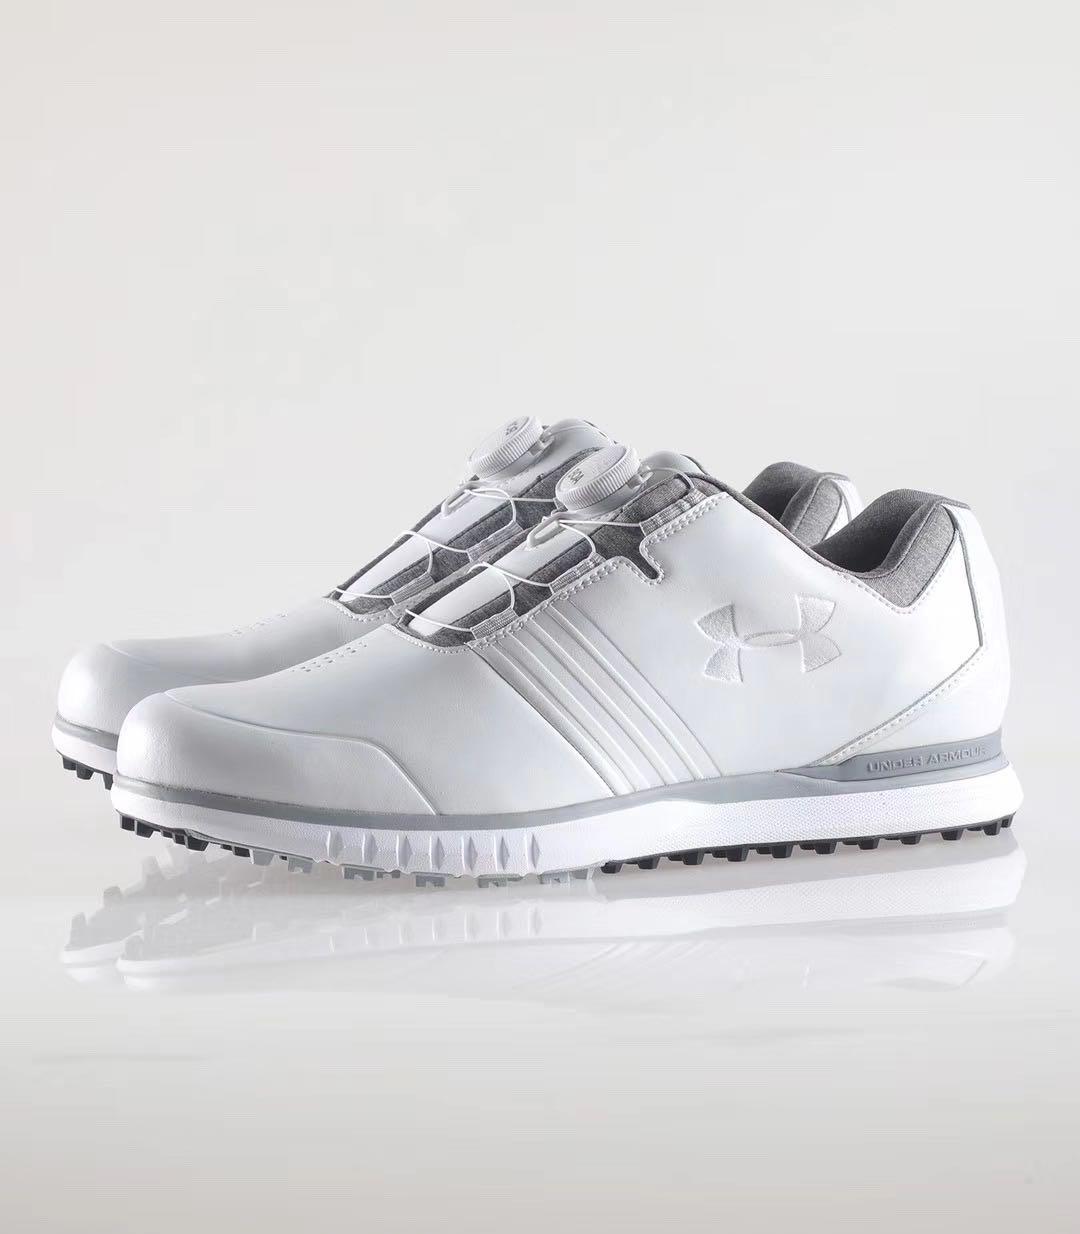 高尔夫球鞋男款平底防滑防水固定钉板鞋男士运动球鞋休闲鞋子